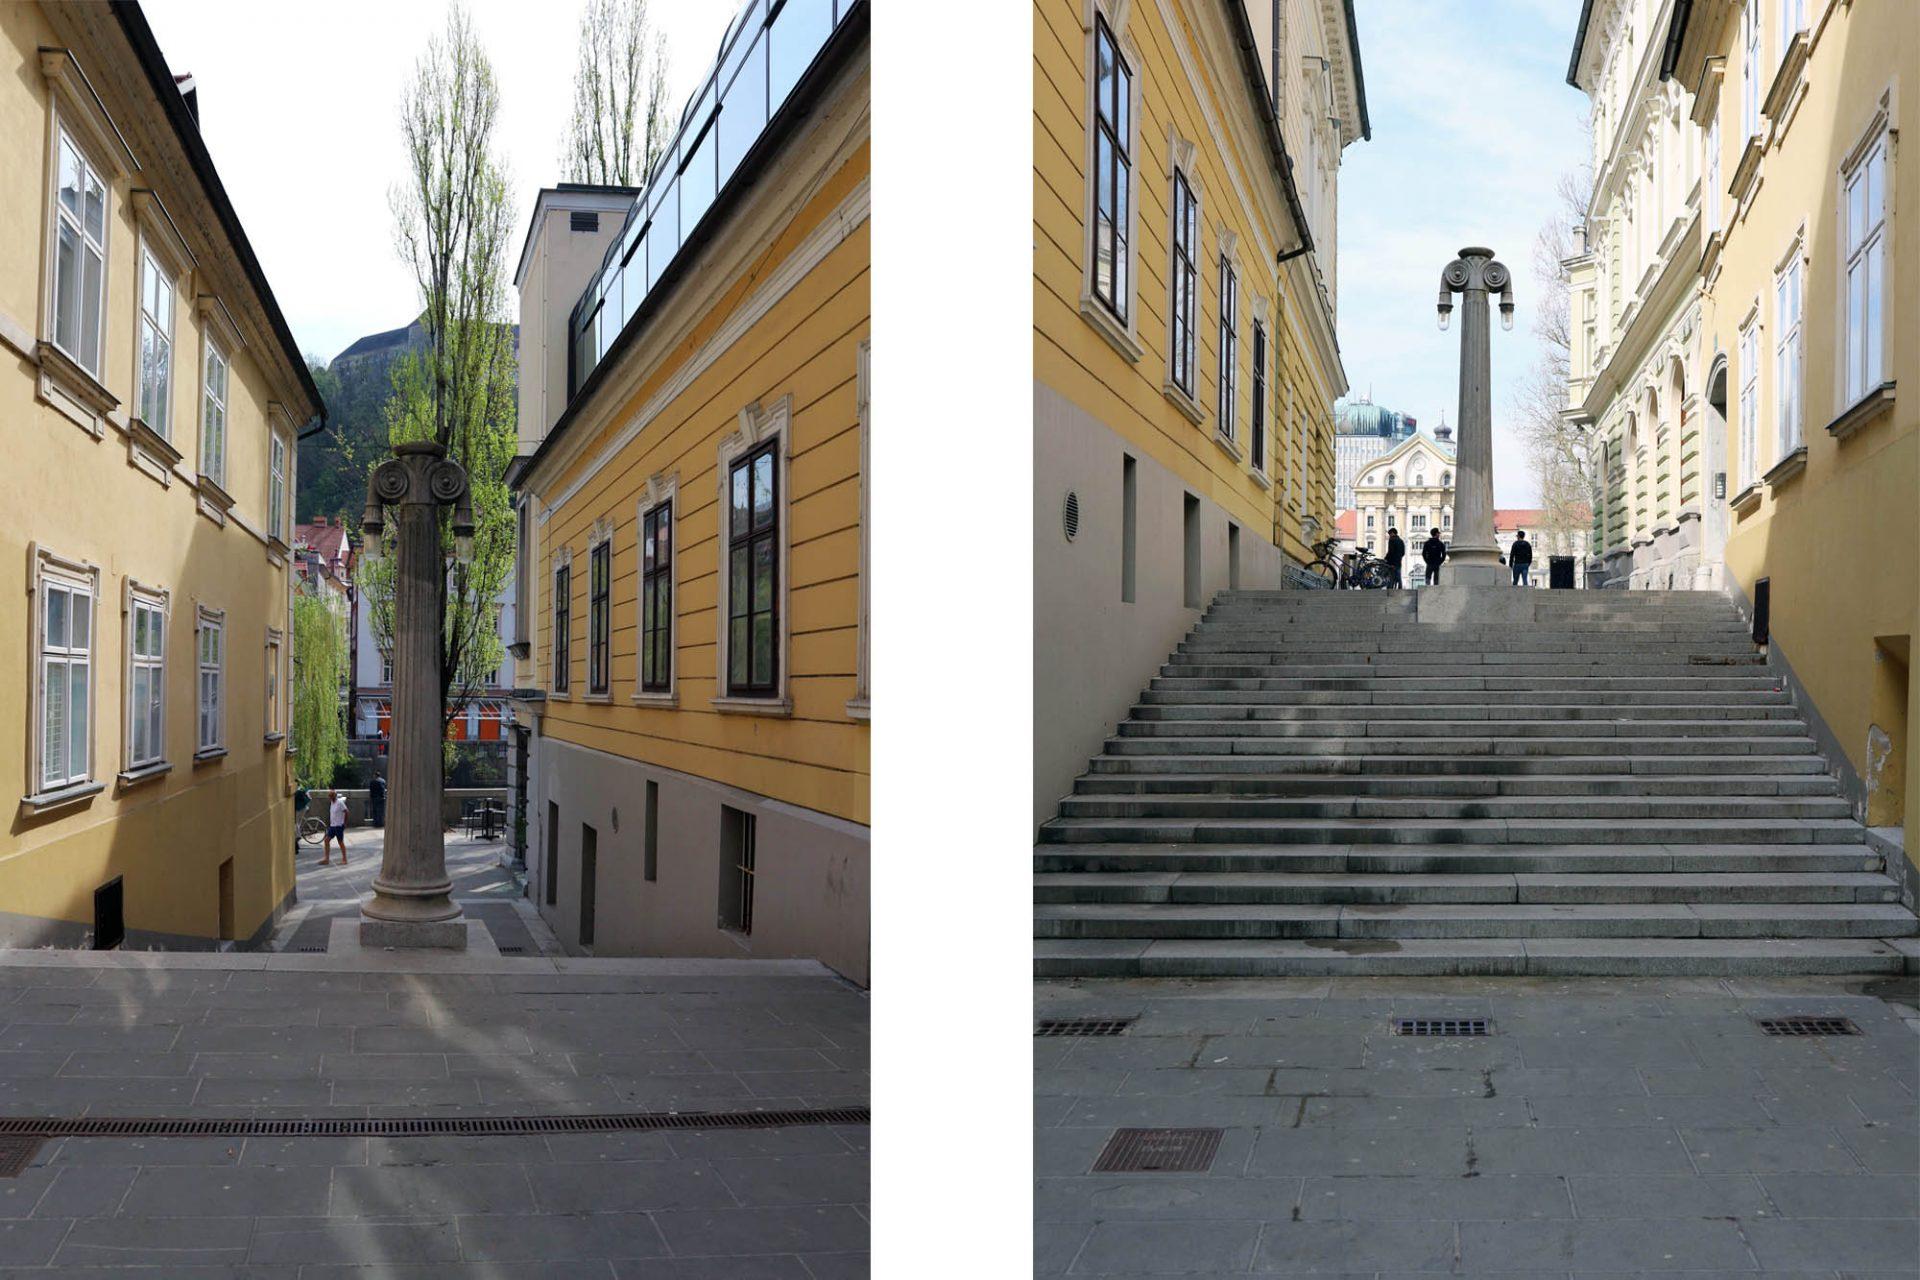 Treppenanlagen.  Neben der Philharmonie führt eine Treppenanlage vom Ufer der Ljubljanica hoch zum Kongressplatz. In Ihrer Mitte mal wieder eine Säule mit Leuchte.